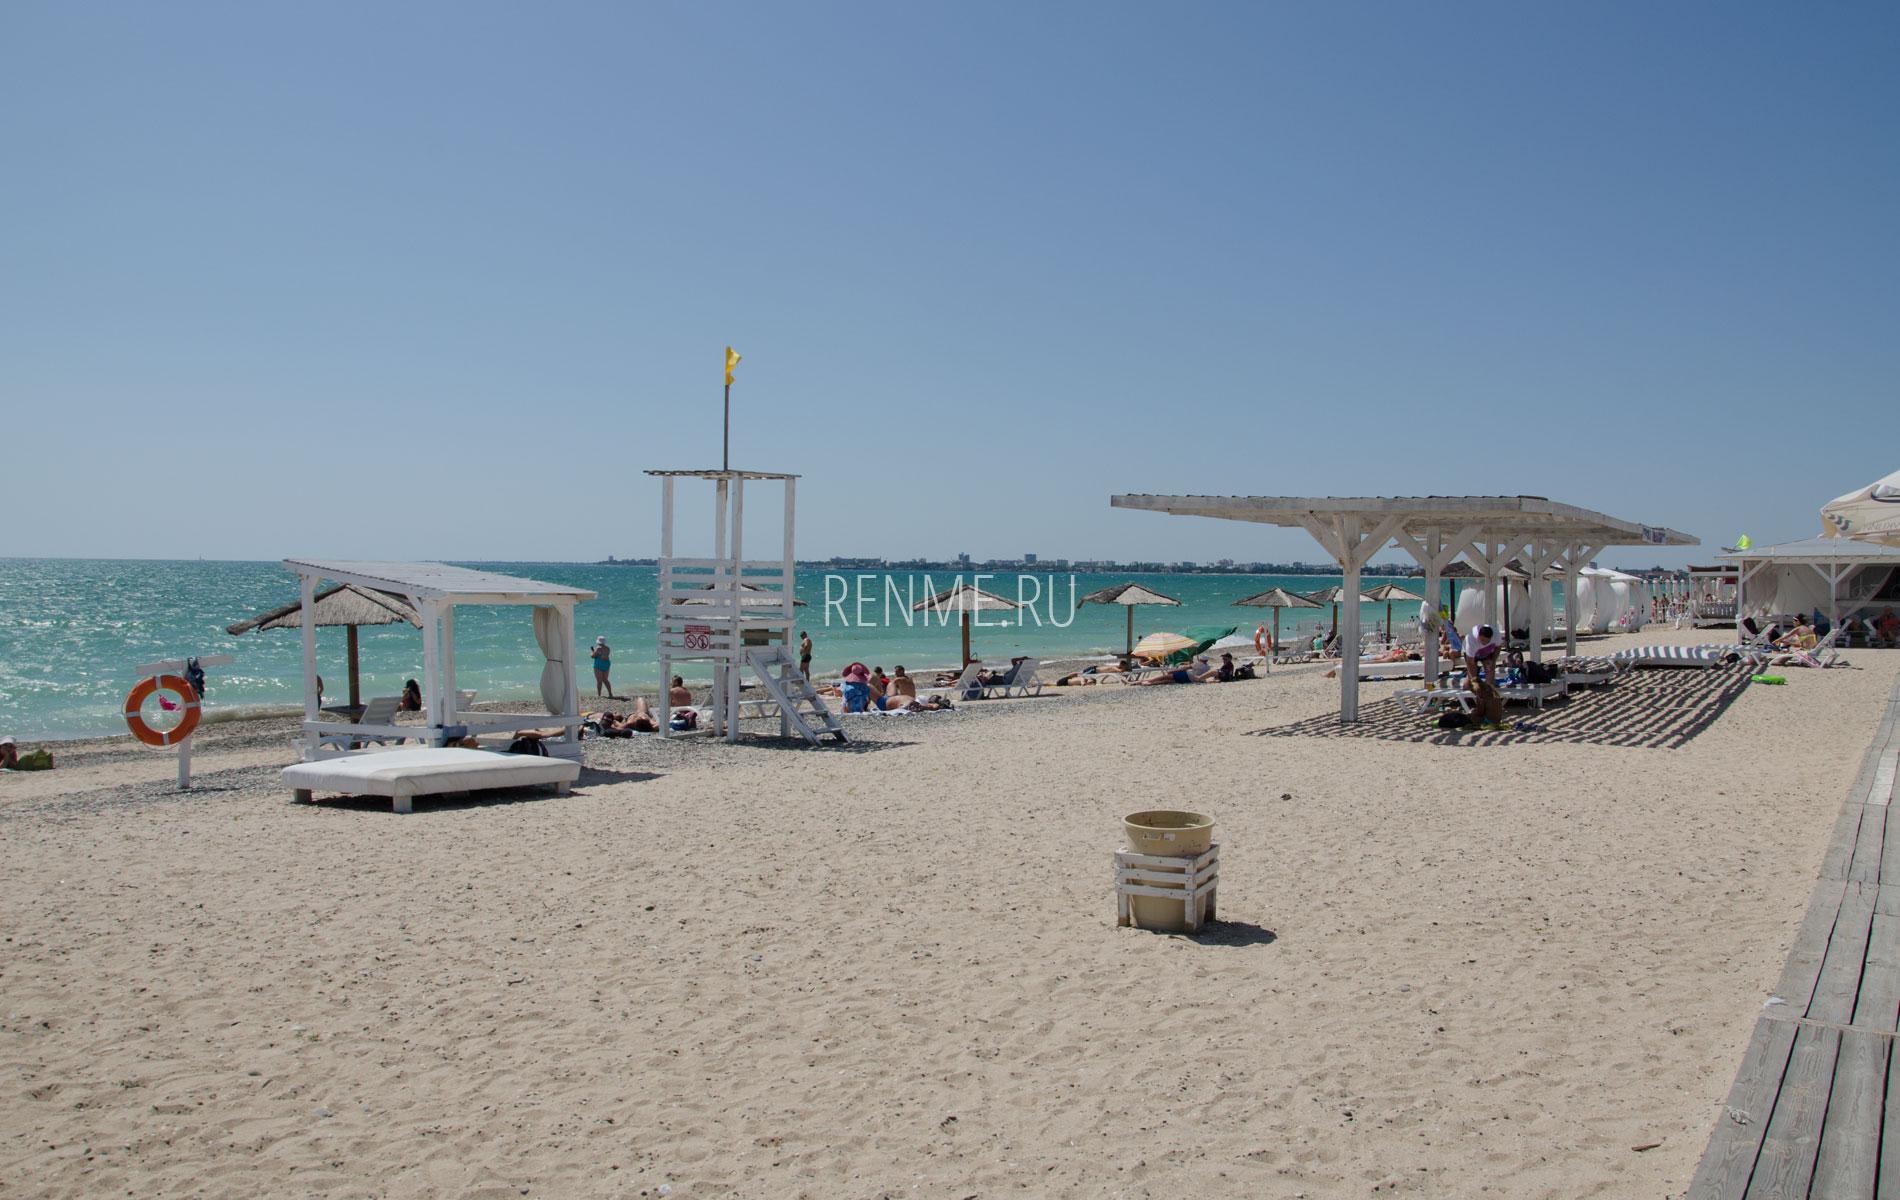 Бунгало и теневые навесы на песчаном пляже. Фото Евпатории